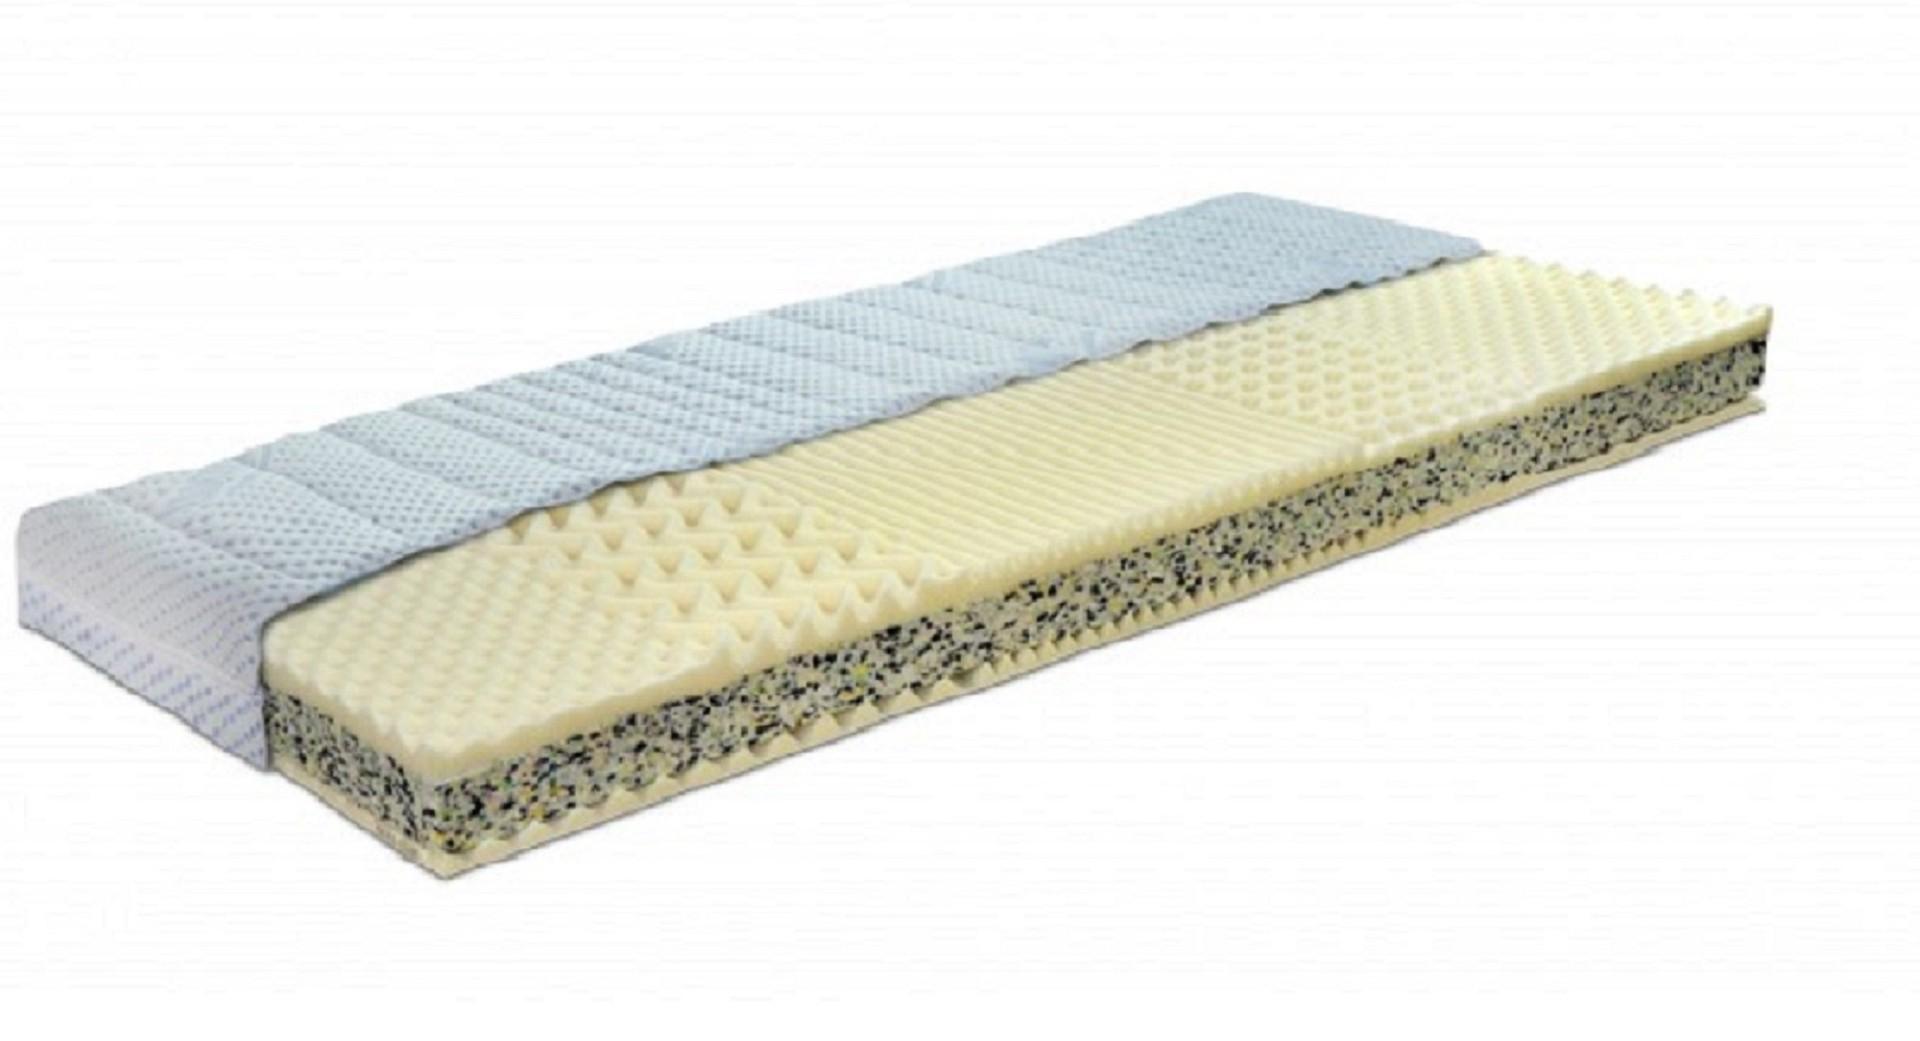 Moravia Comfort FENIX BASIC - tuhý sendvičový matrac hlavný matrac (90 x 200 cm) + operadlo (45+45 x 200 cm), snímateľný poťah